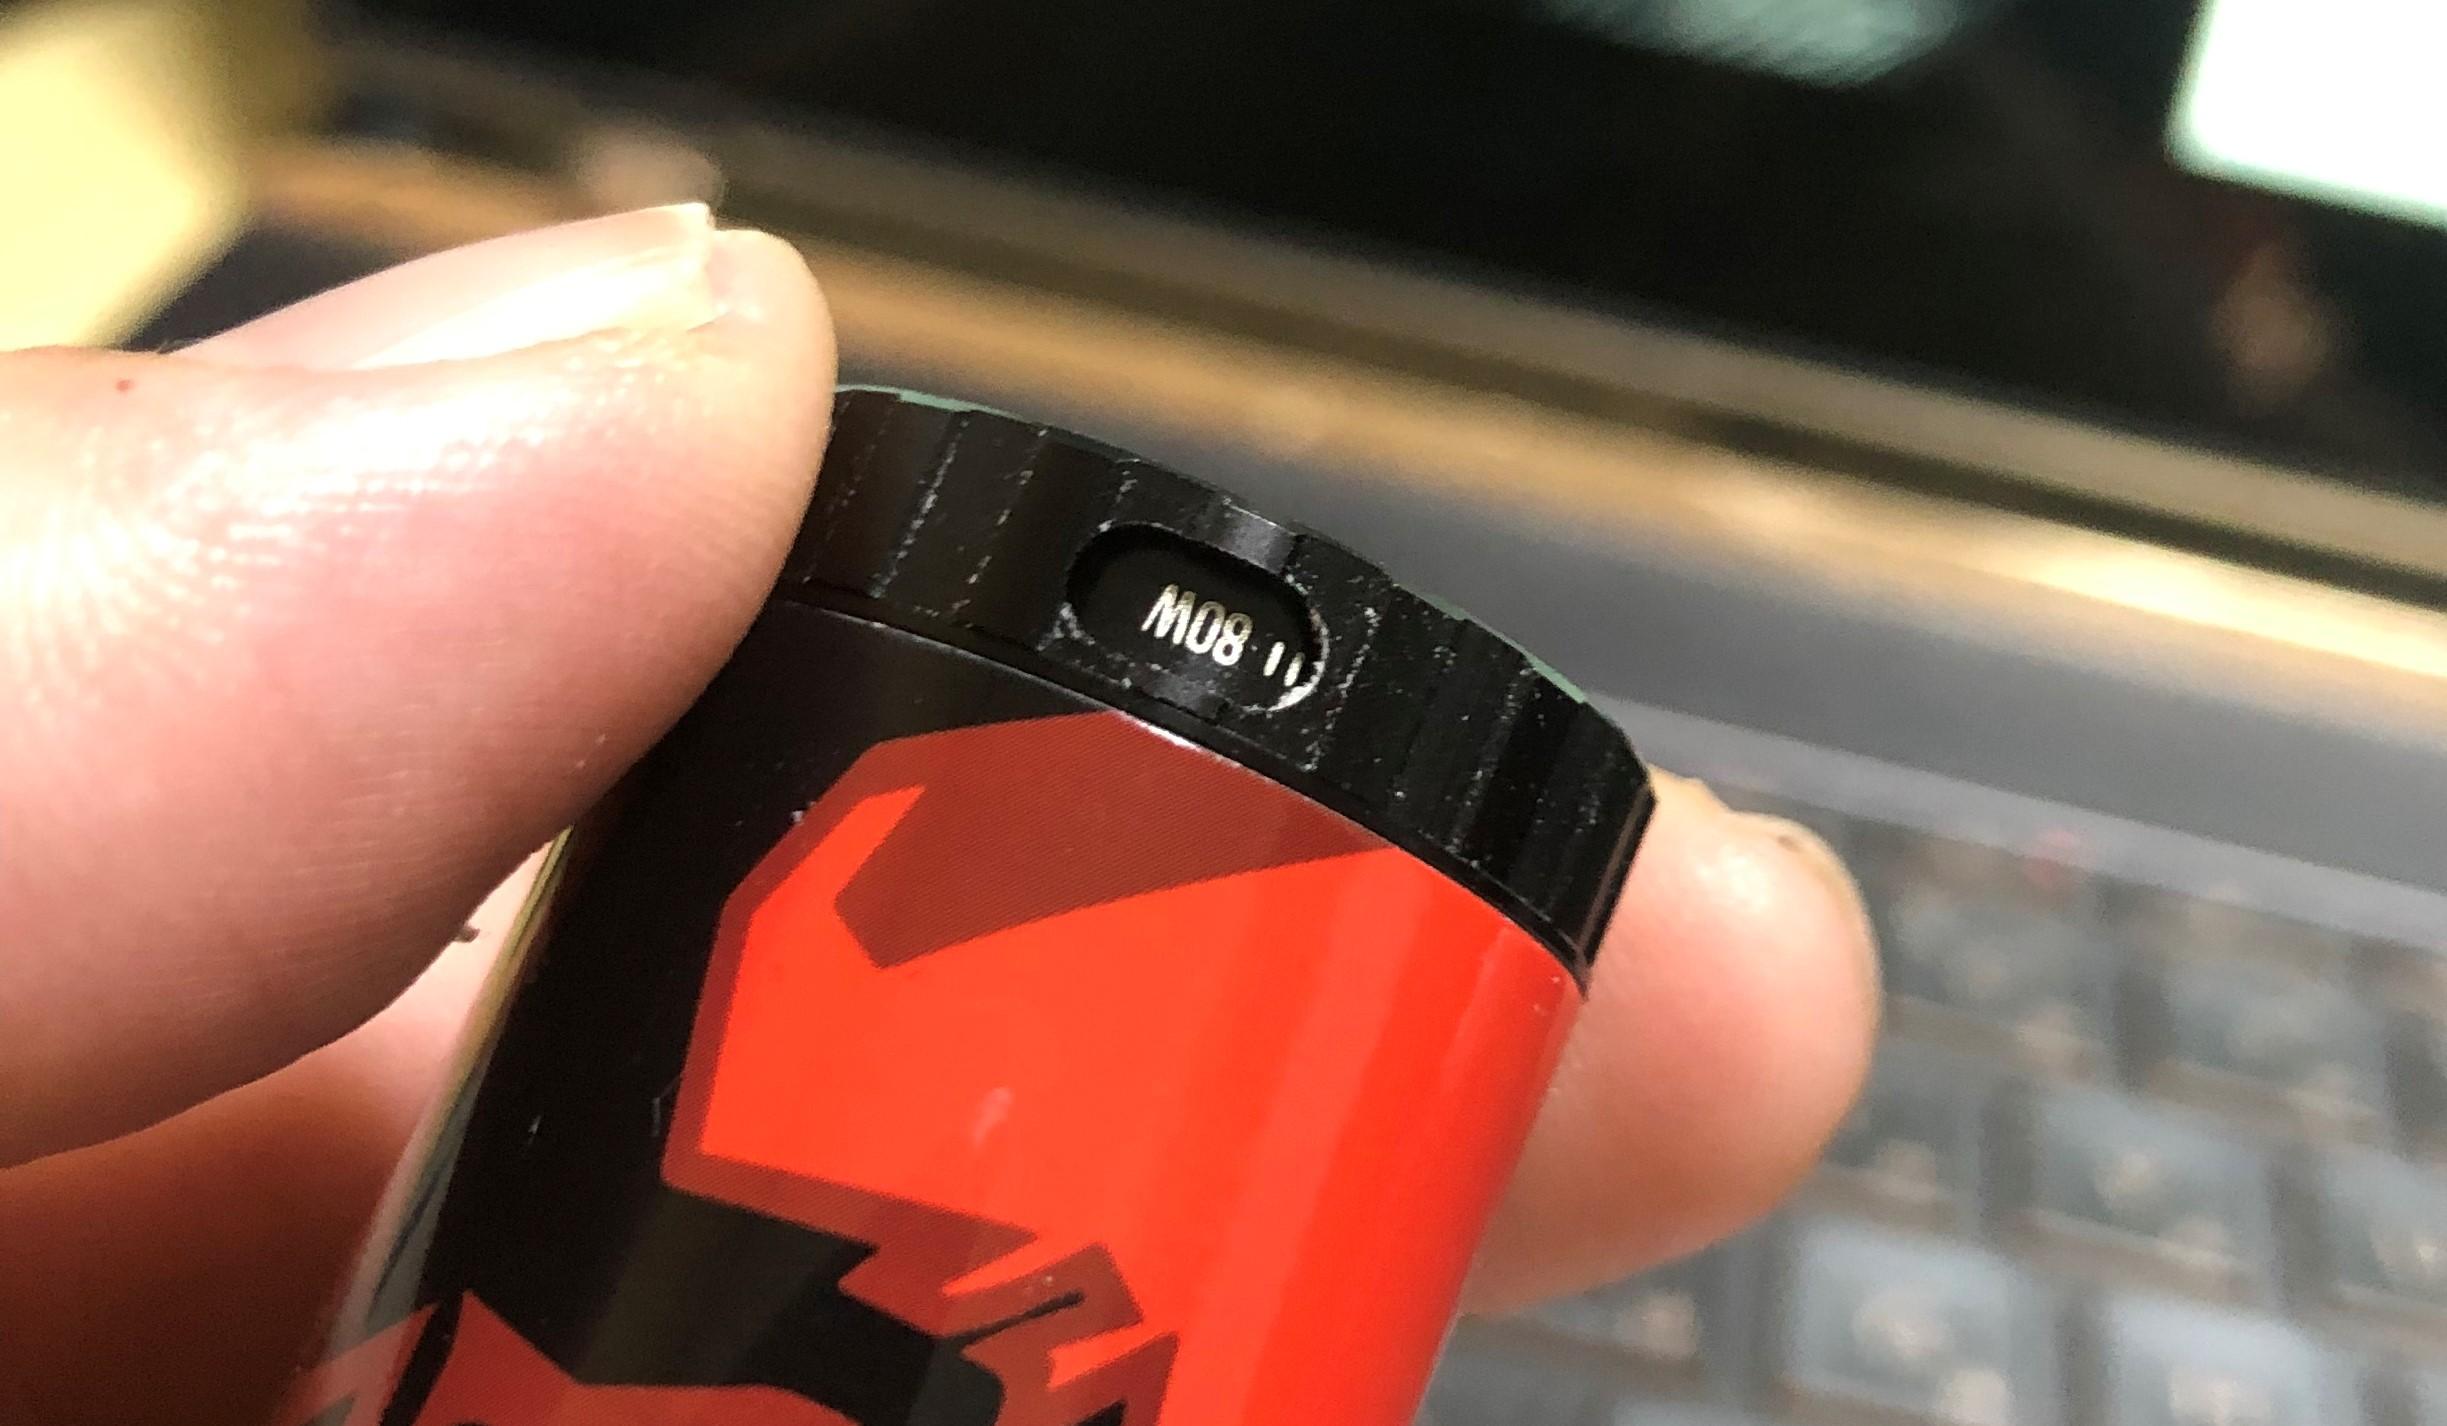 20190210 090211151 iOS - 【レビュー】Freemax社謹製!Twister 80W 爆煙 Starter Kit+タンクセットを吸ってFreemaxの本気モードを感じた